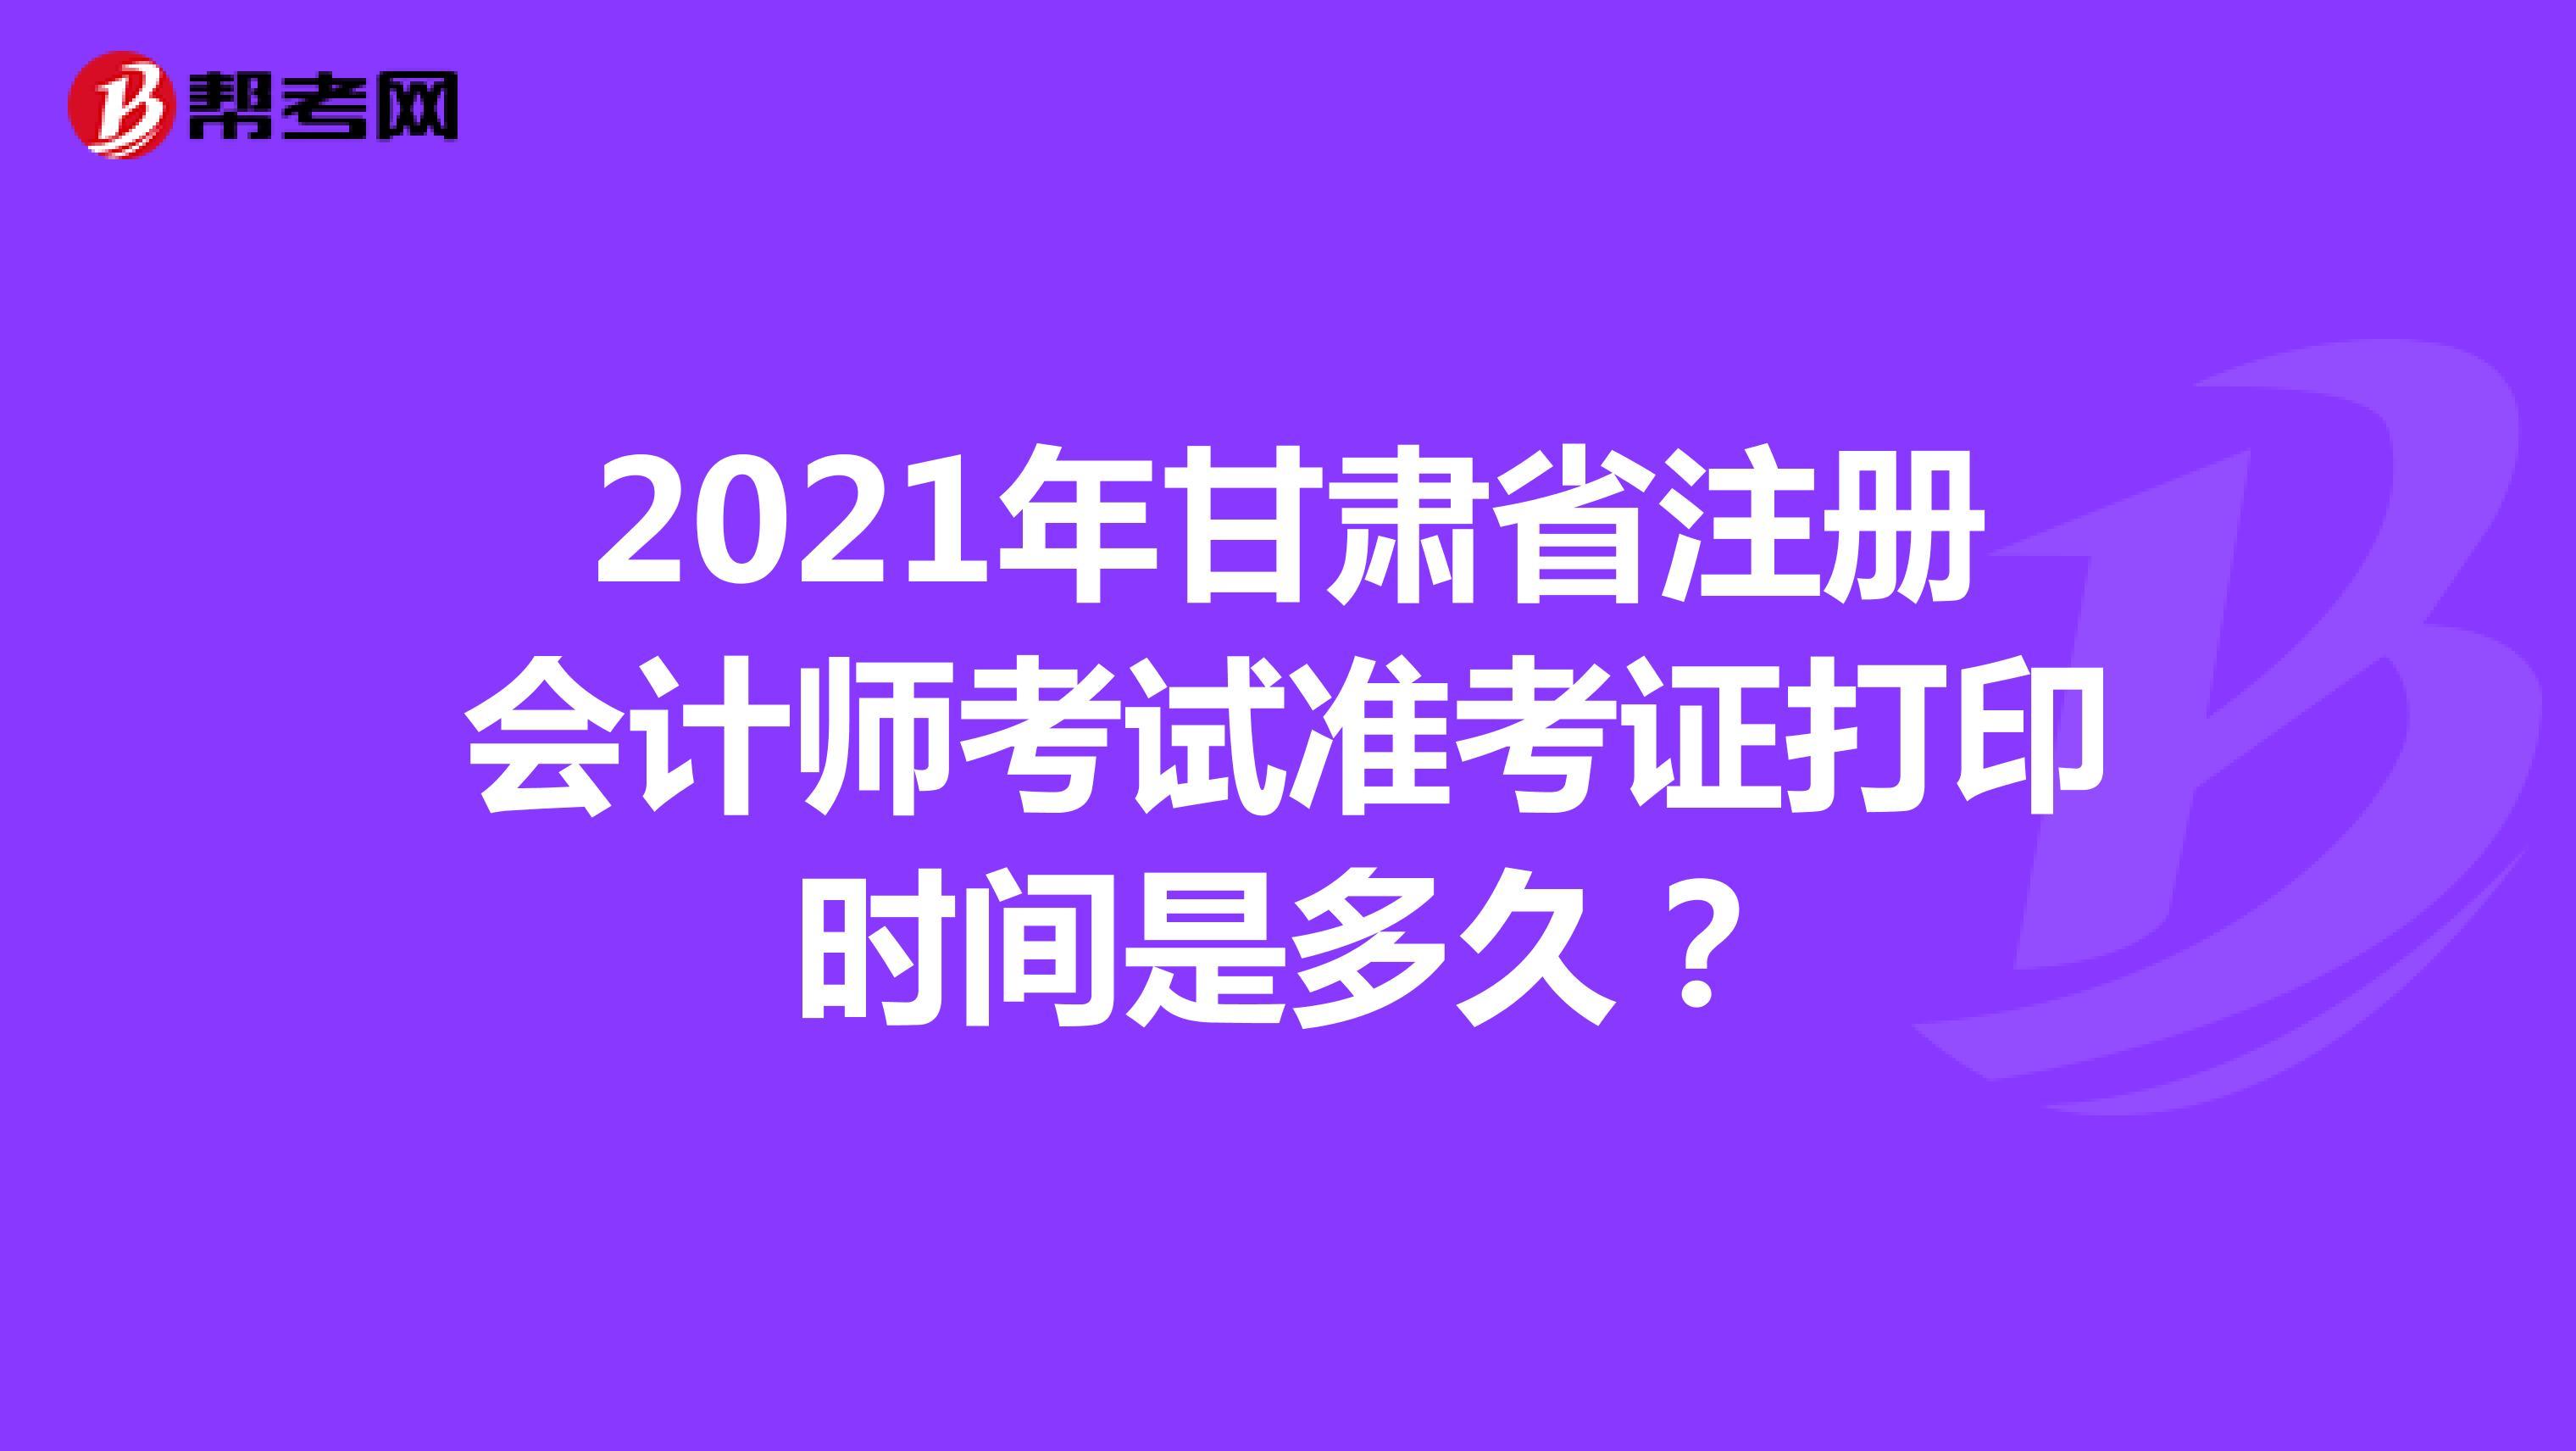 2021年甘肅省注冊會計師考試準考證打印時間是多久?